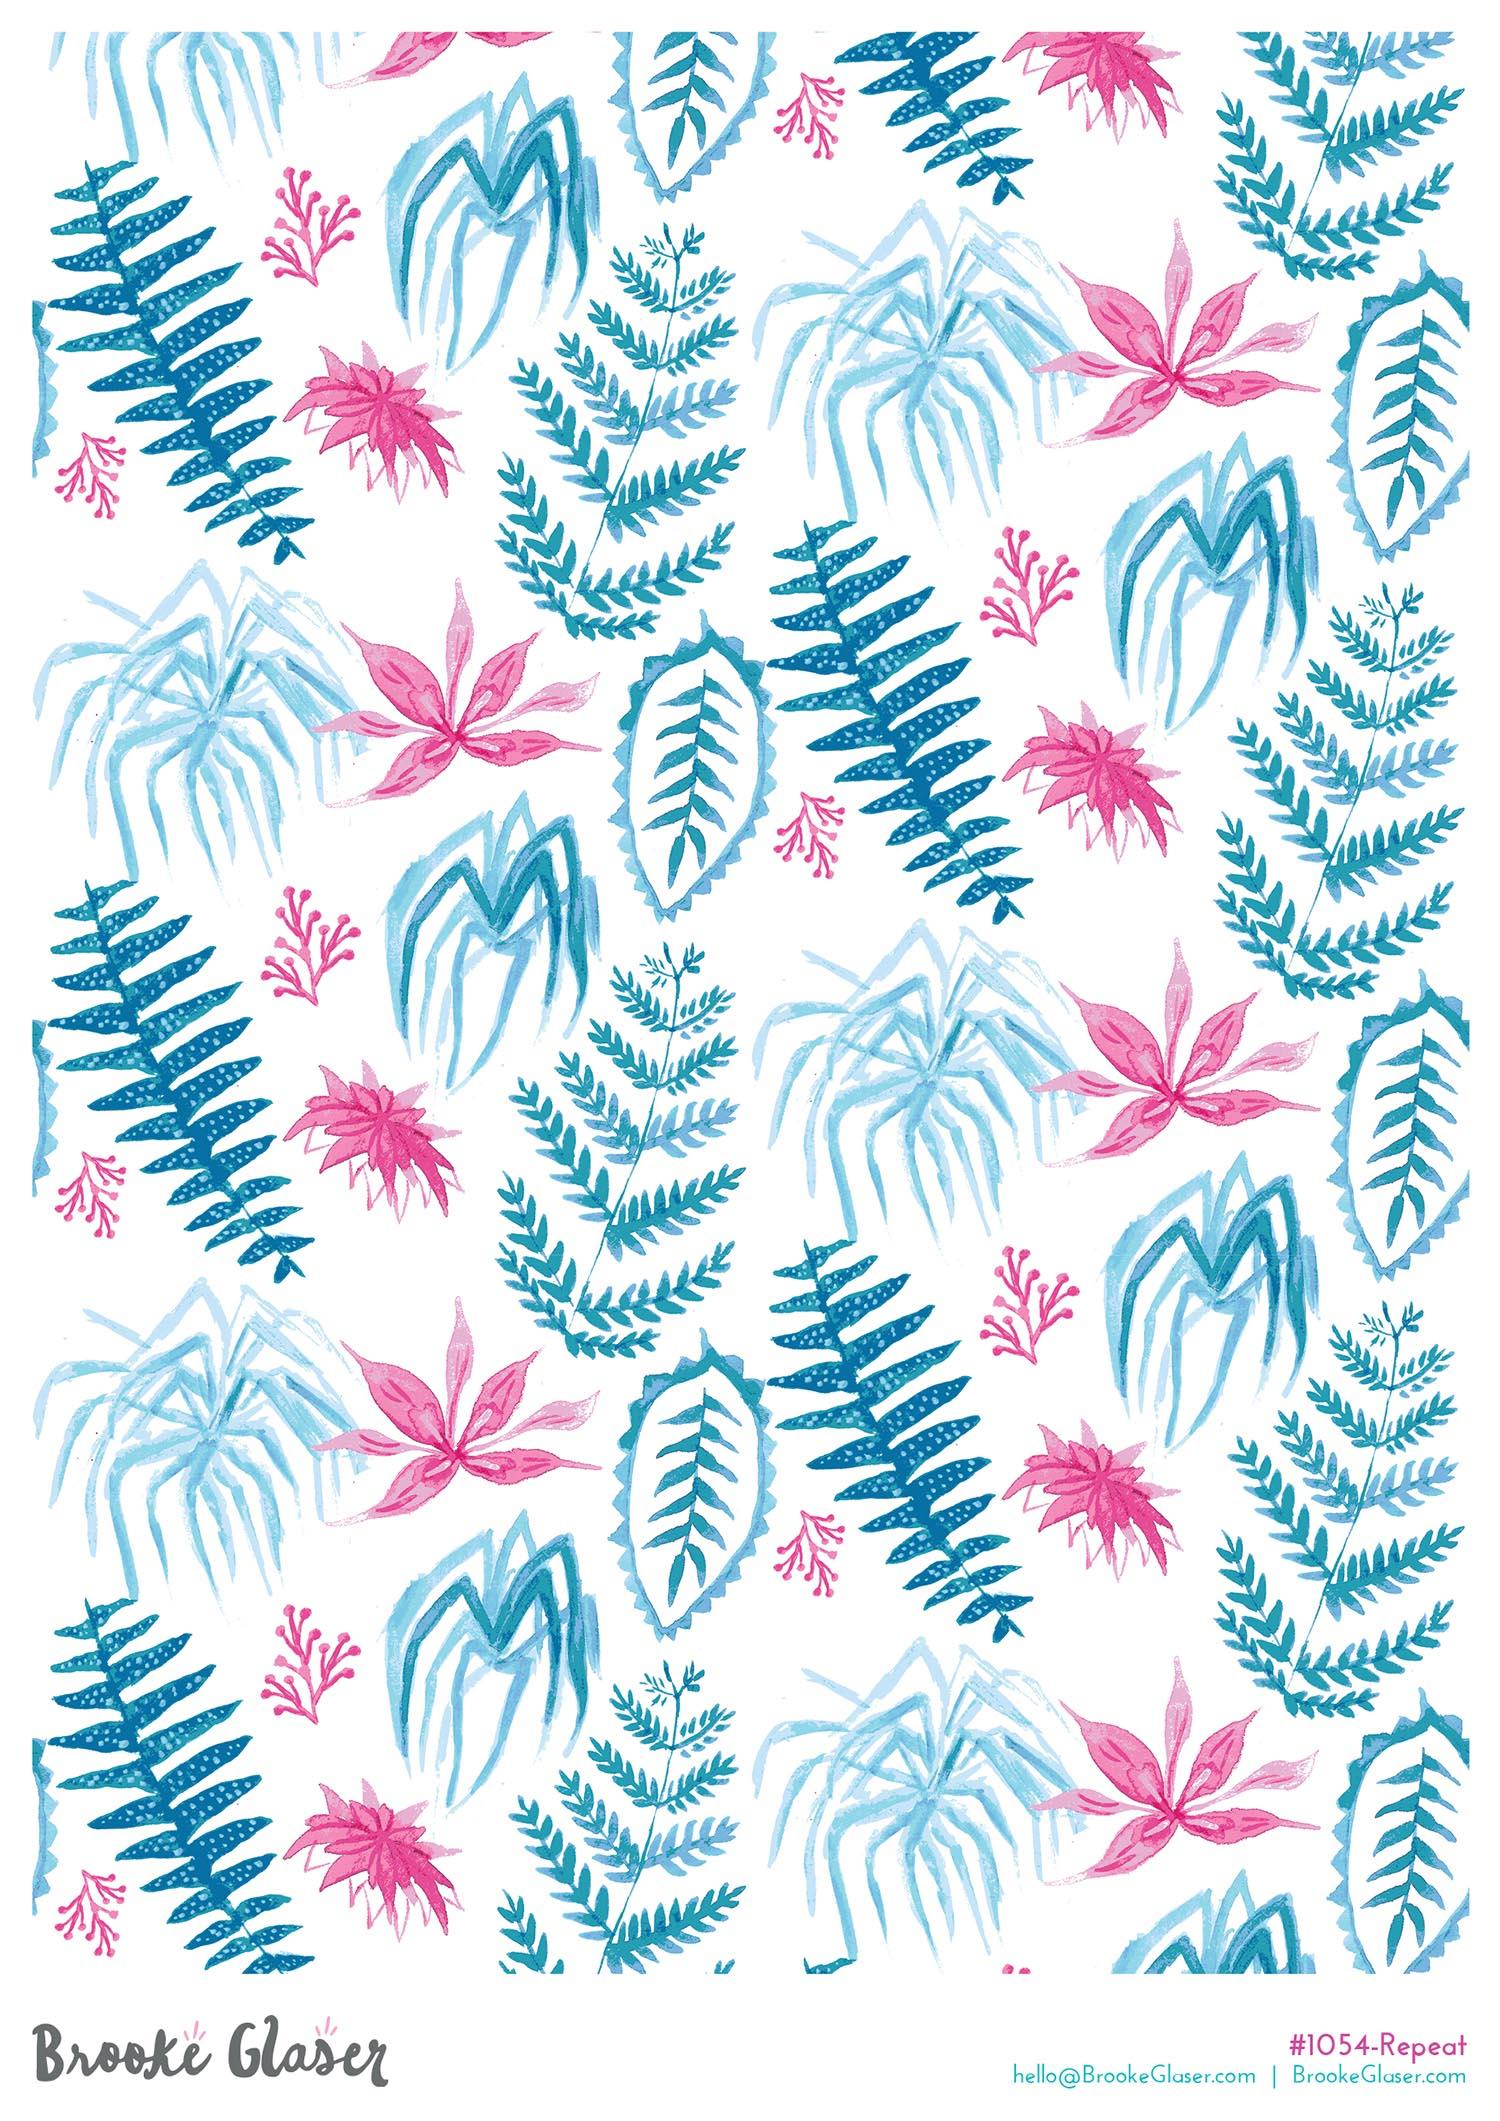 Brooke-Glaser-Prints45.jpg